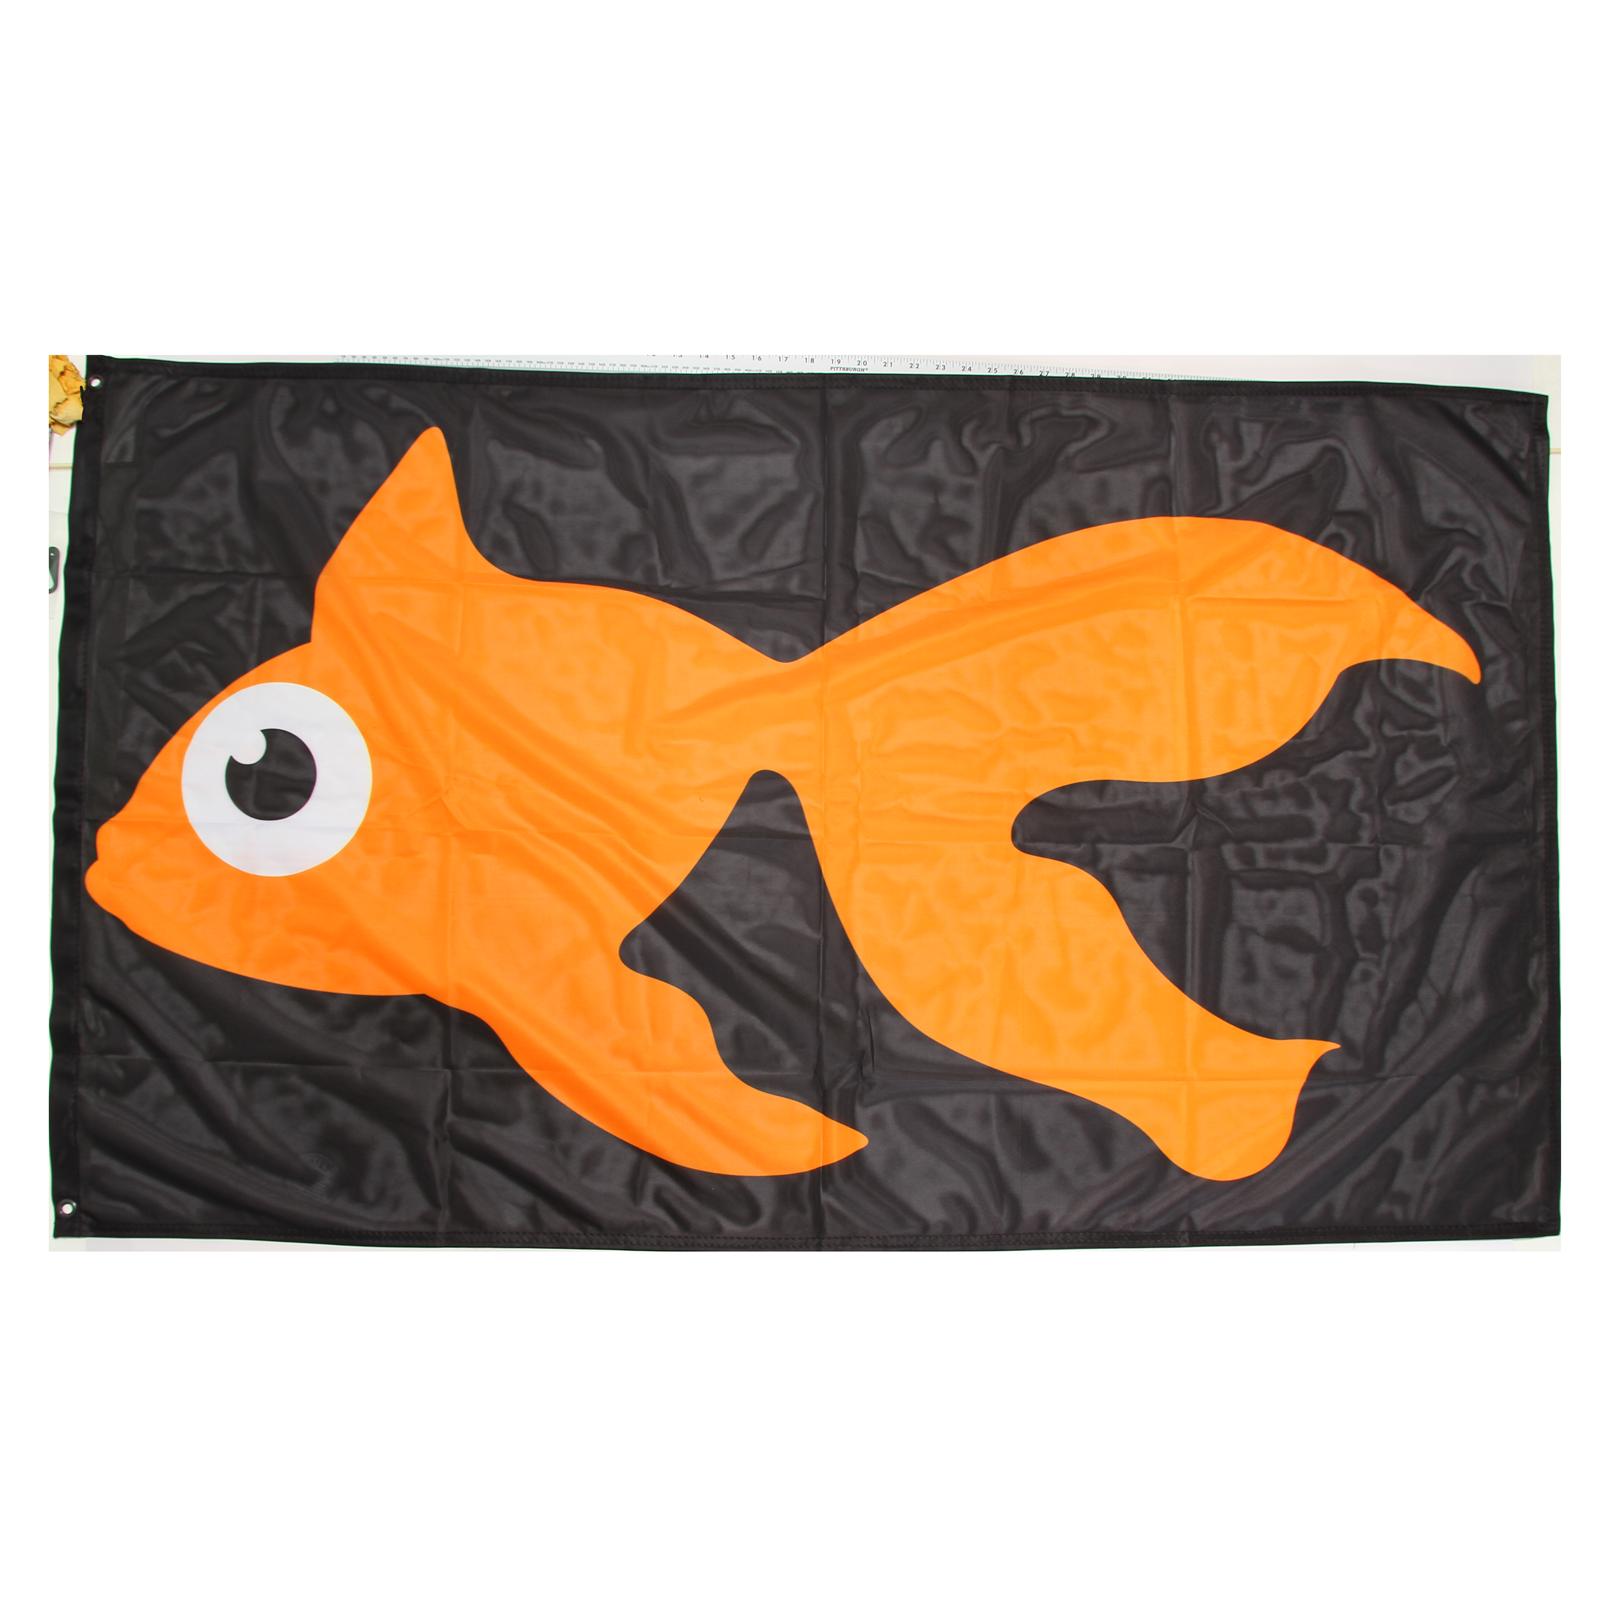 GoldFish 3' x 5' Flag